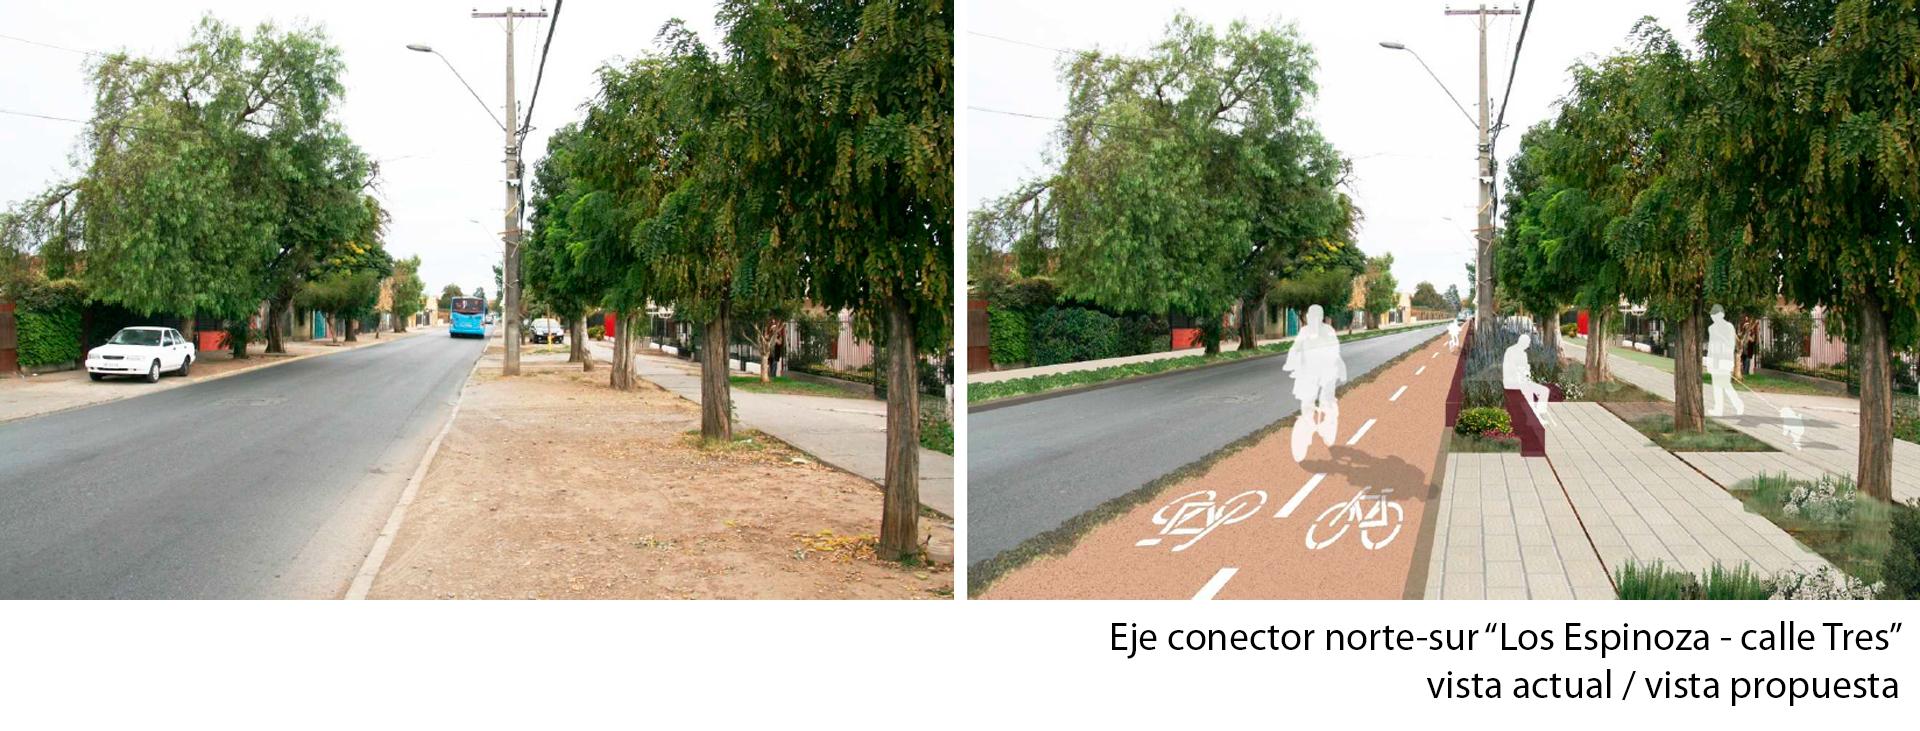 eje conector norte sur Los Espinoza calle Tres vista actual y propuesta